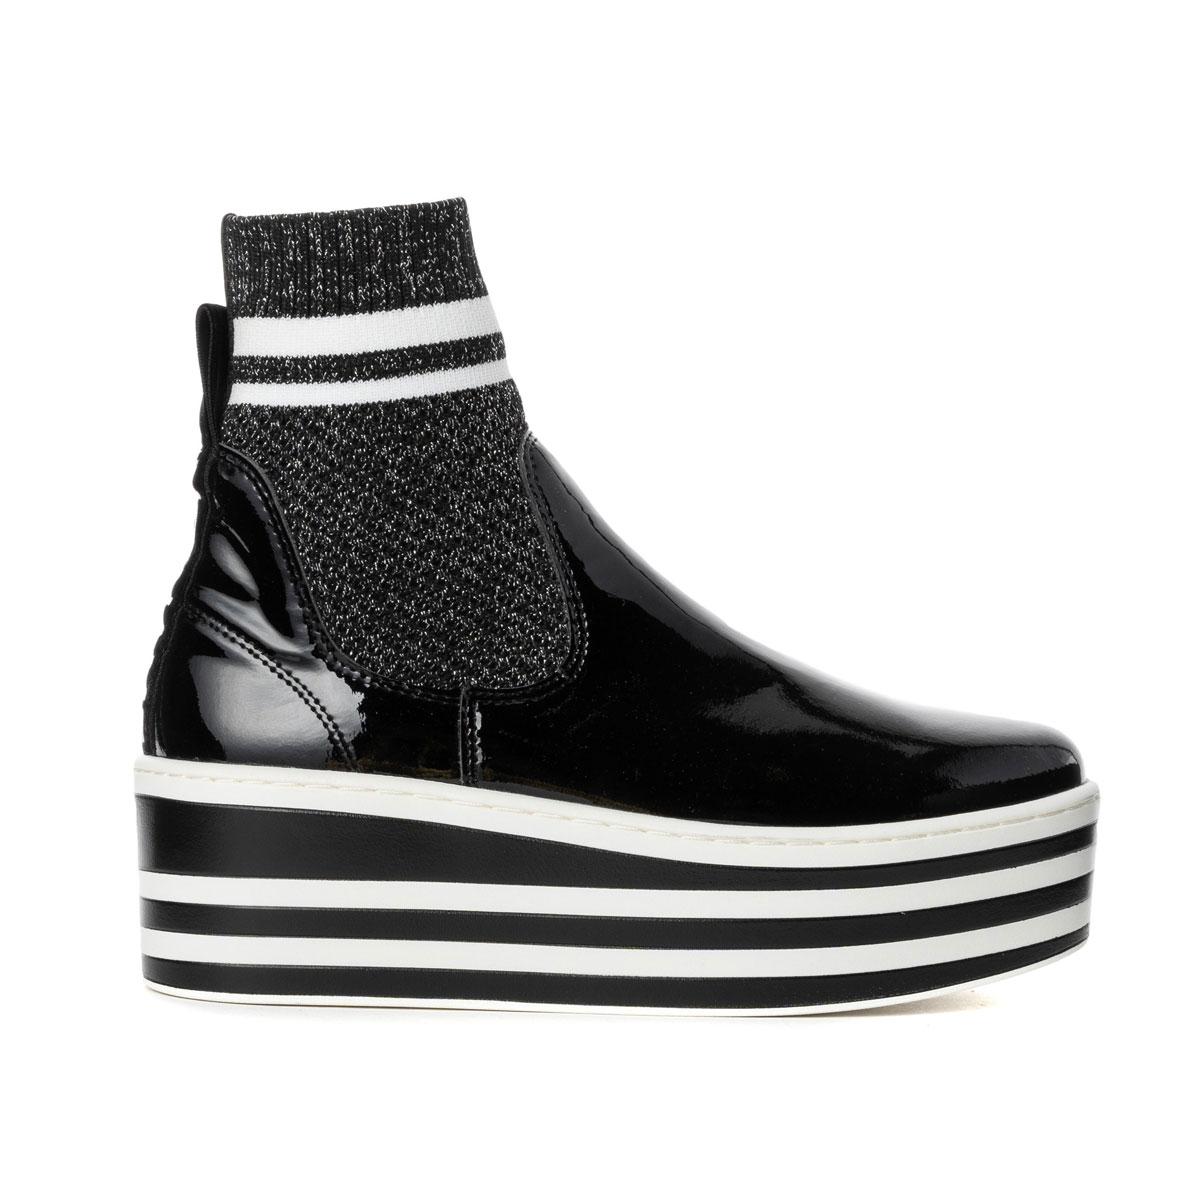 [40%OFF]NO NAME[ノーネーム][スニーカー]BOOST(ブースト)-92981-BLACK[ブラック] レディース 靴 シューズ スニーカー ソックススニーカー 厚底 プラットフォーム エナメル